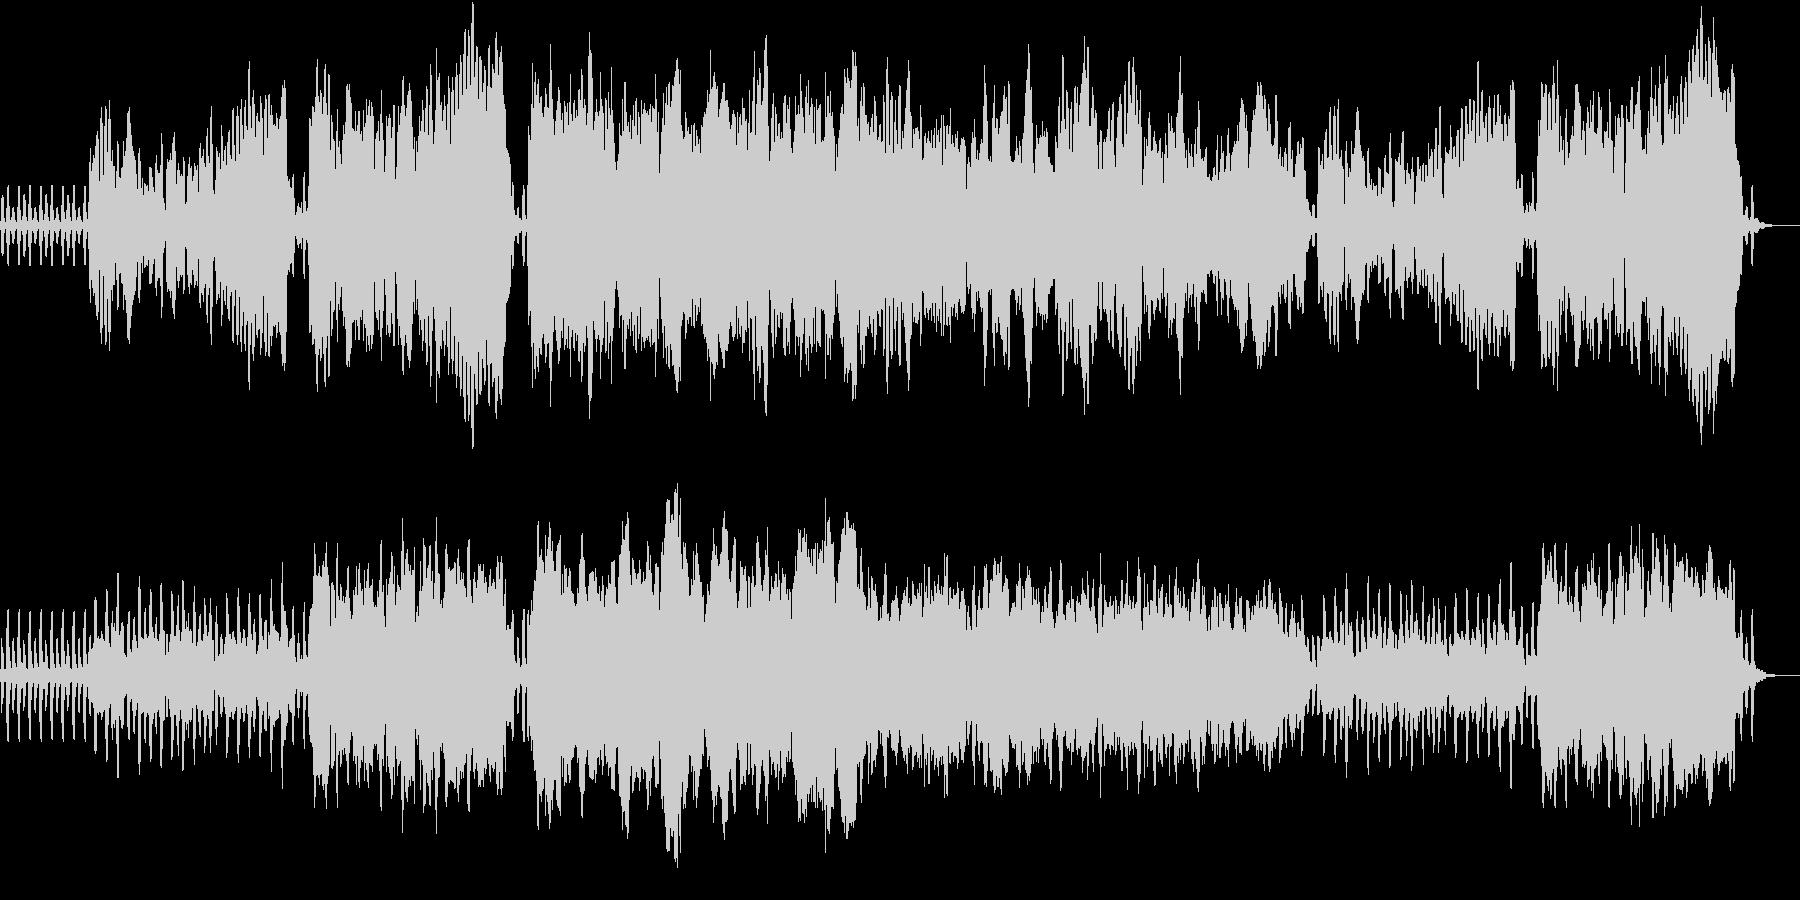 深い森にいるような木管五重奏の楽曲です。の未再生の波形